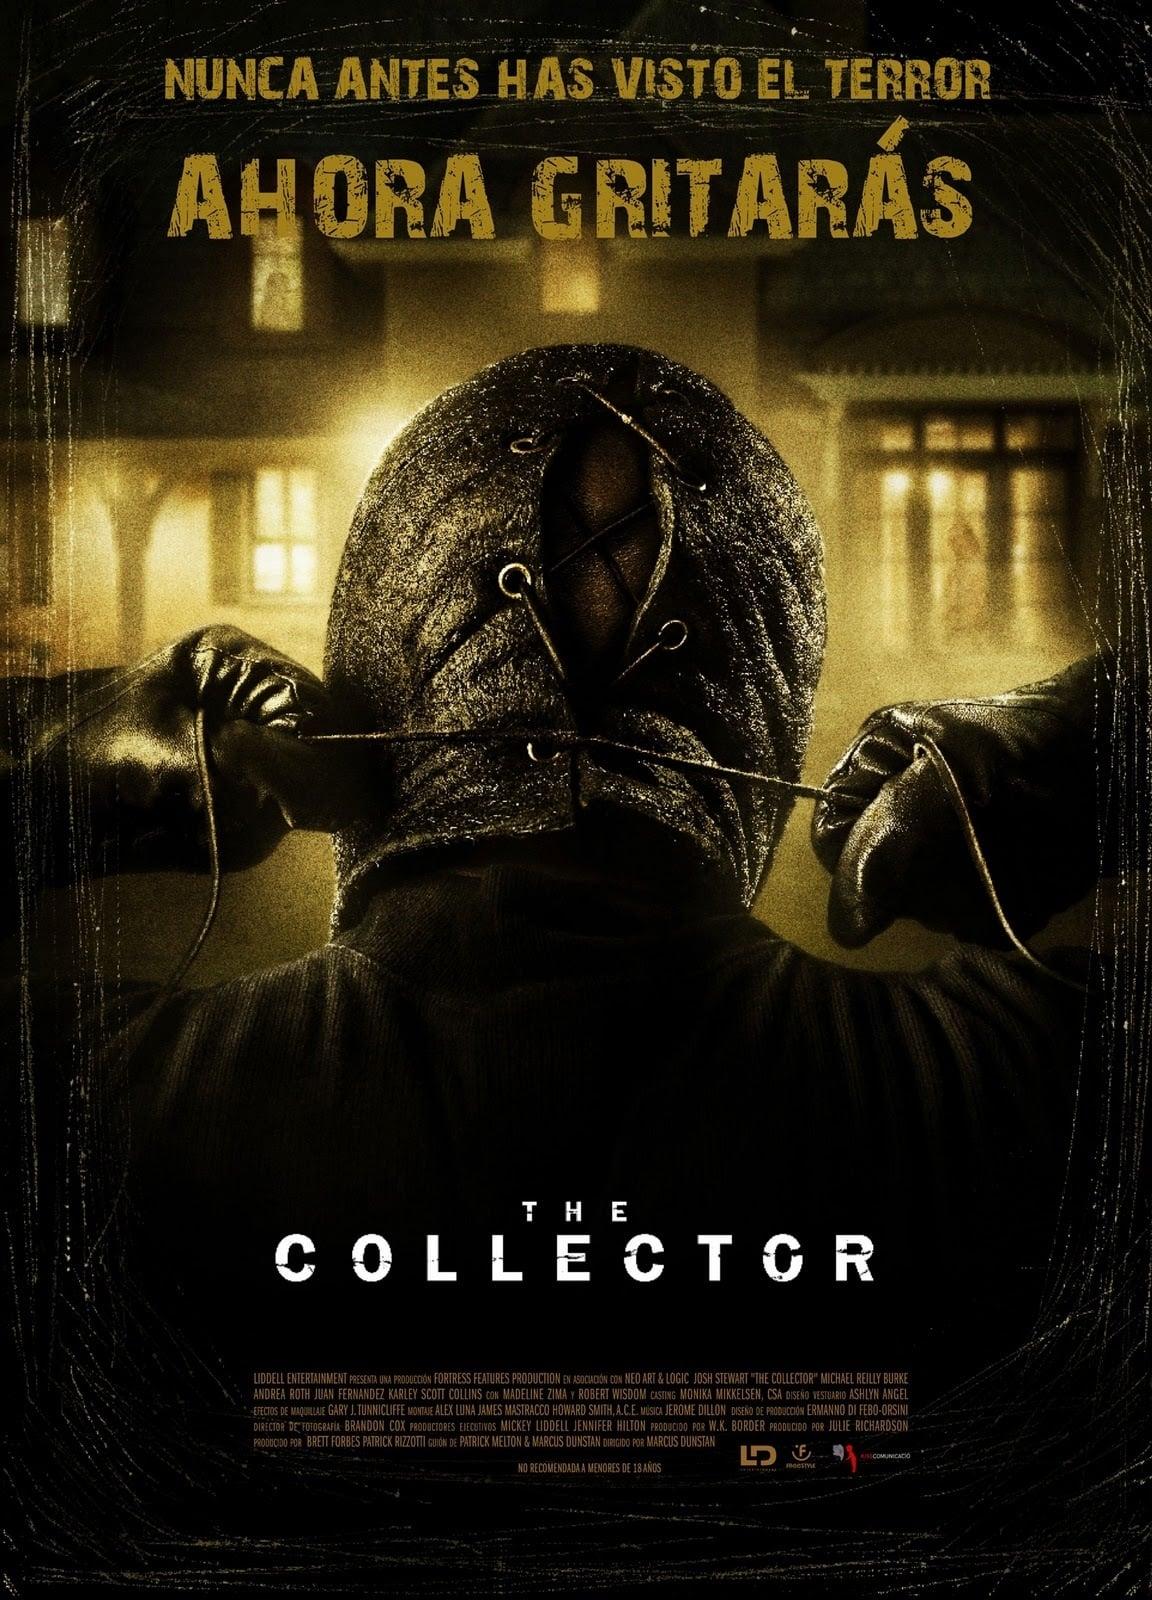 El coleccionista